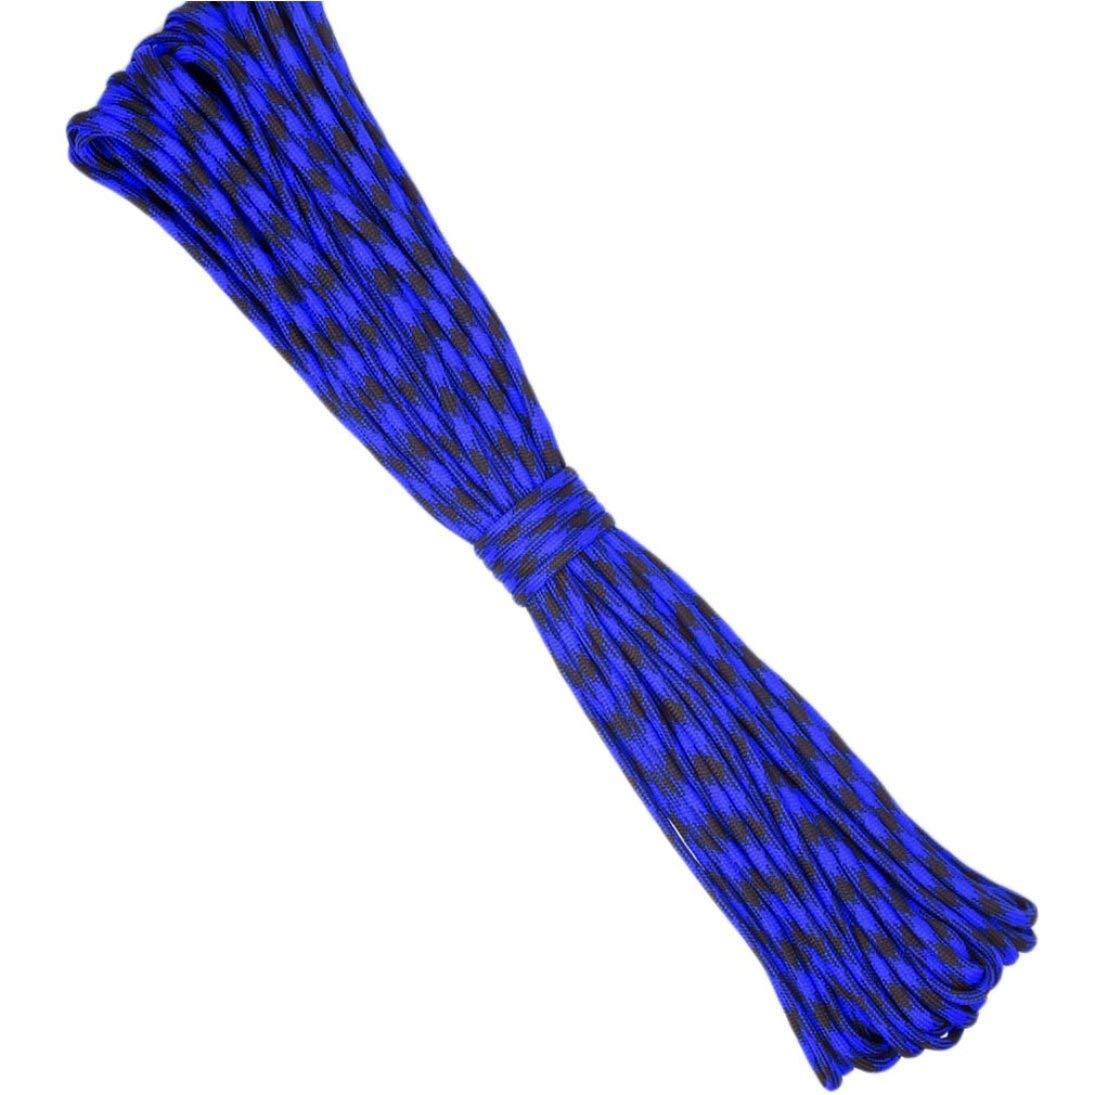 Togames-ES Paracord Cuerda de paraca/ídas Cuerda Tipo III 7 Hilos N/úcleo 50 100 pies